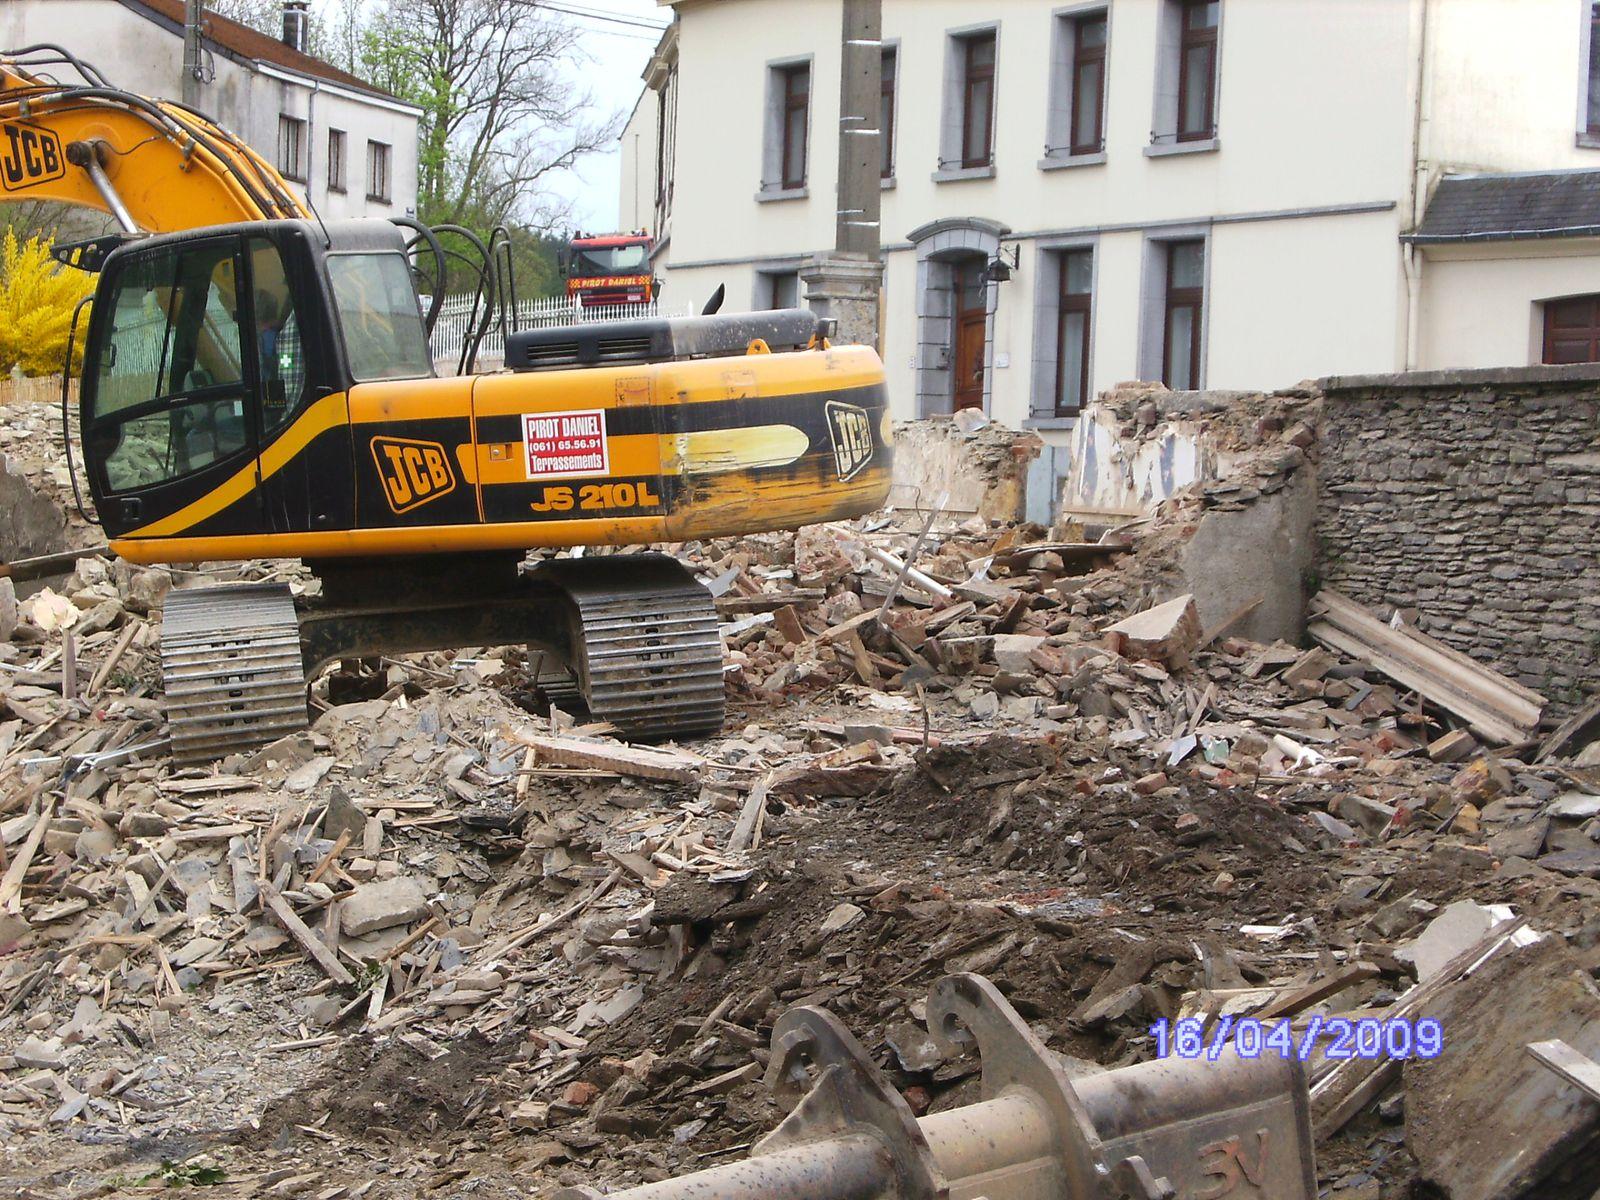 Destruction d 39 une maison le blog chestrolais - Destruction d une maison ...